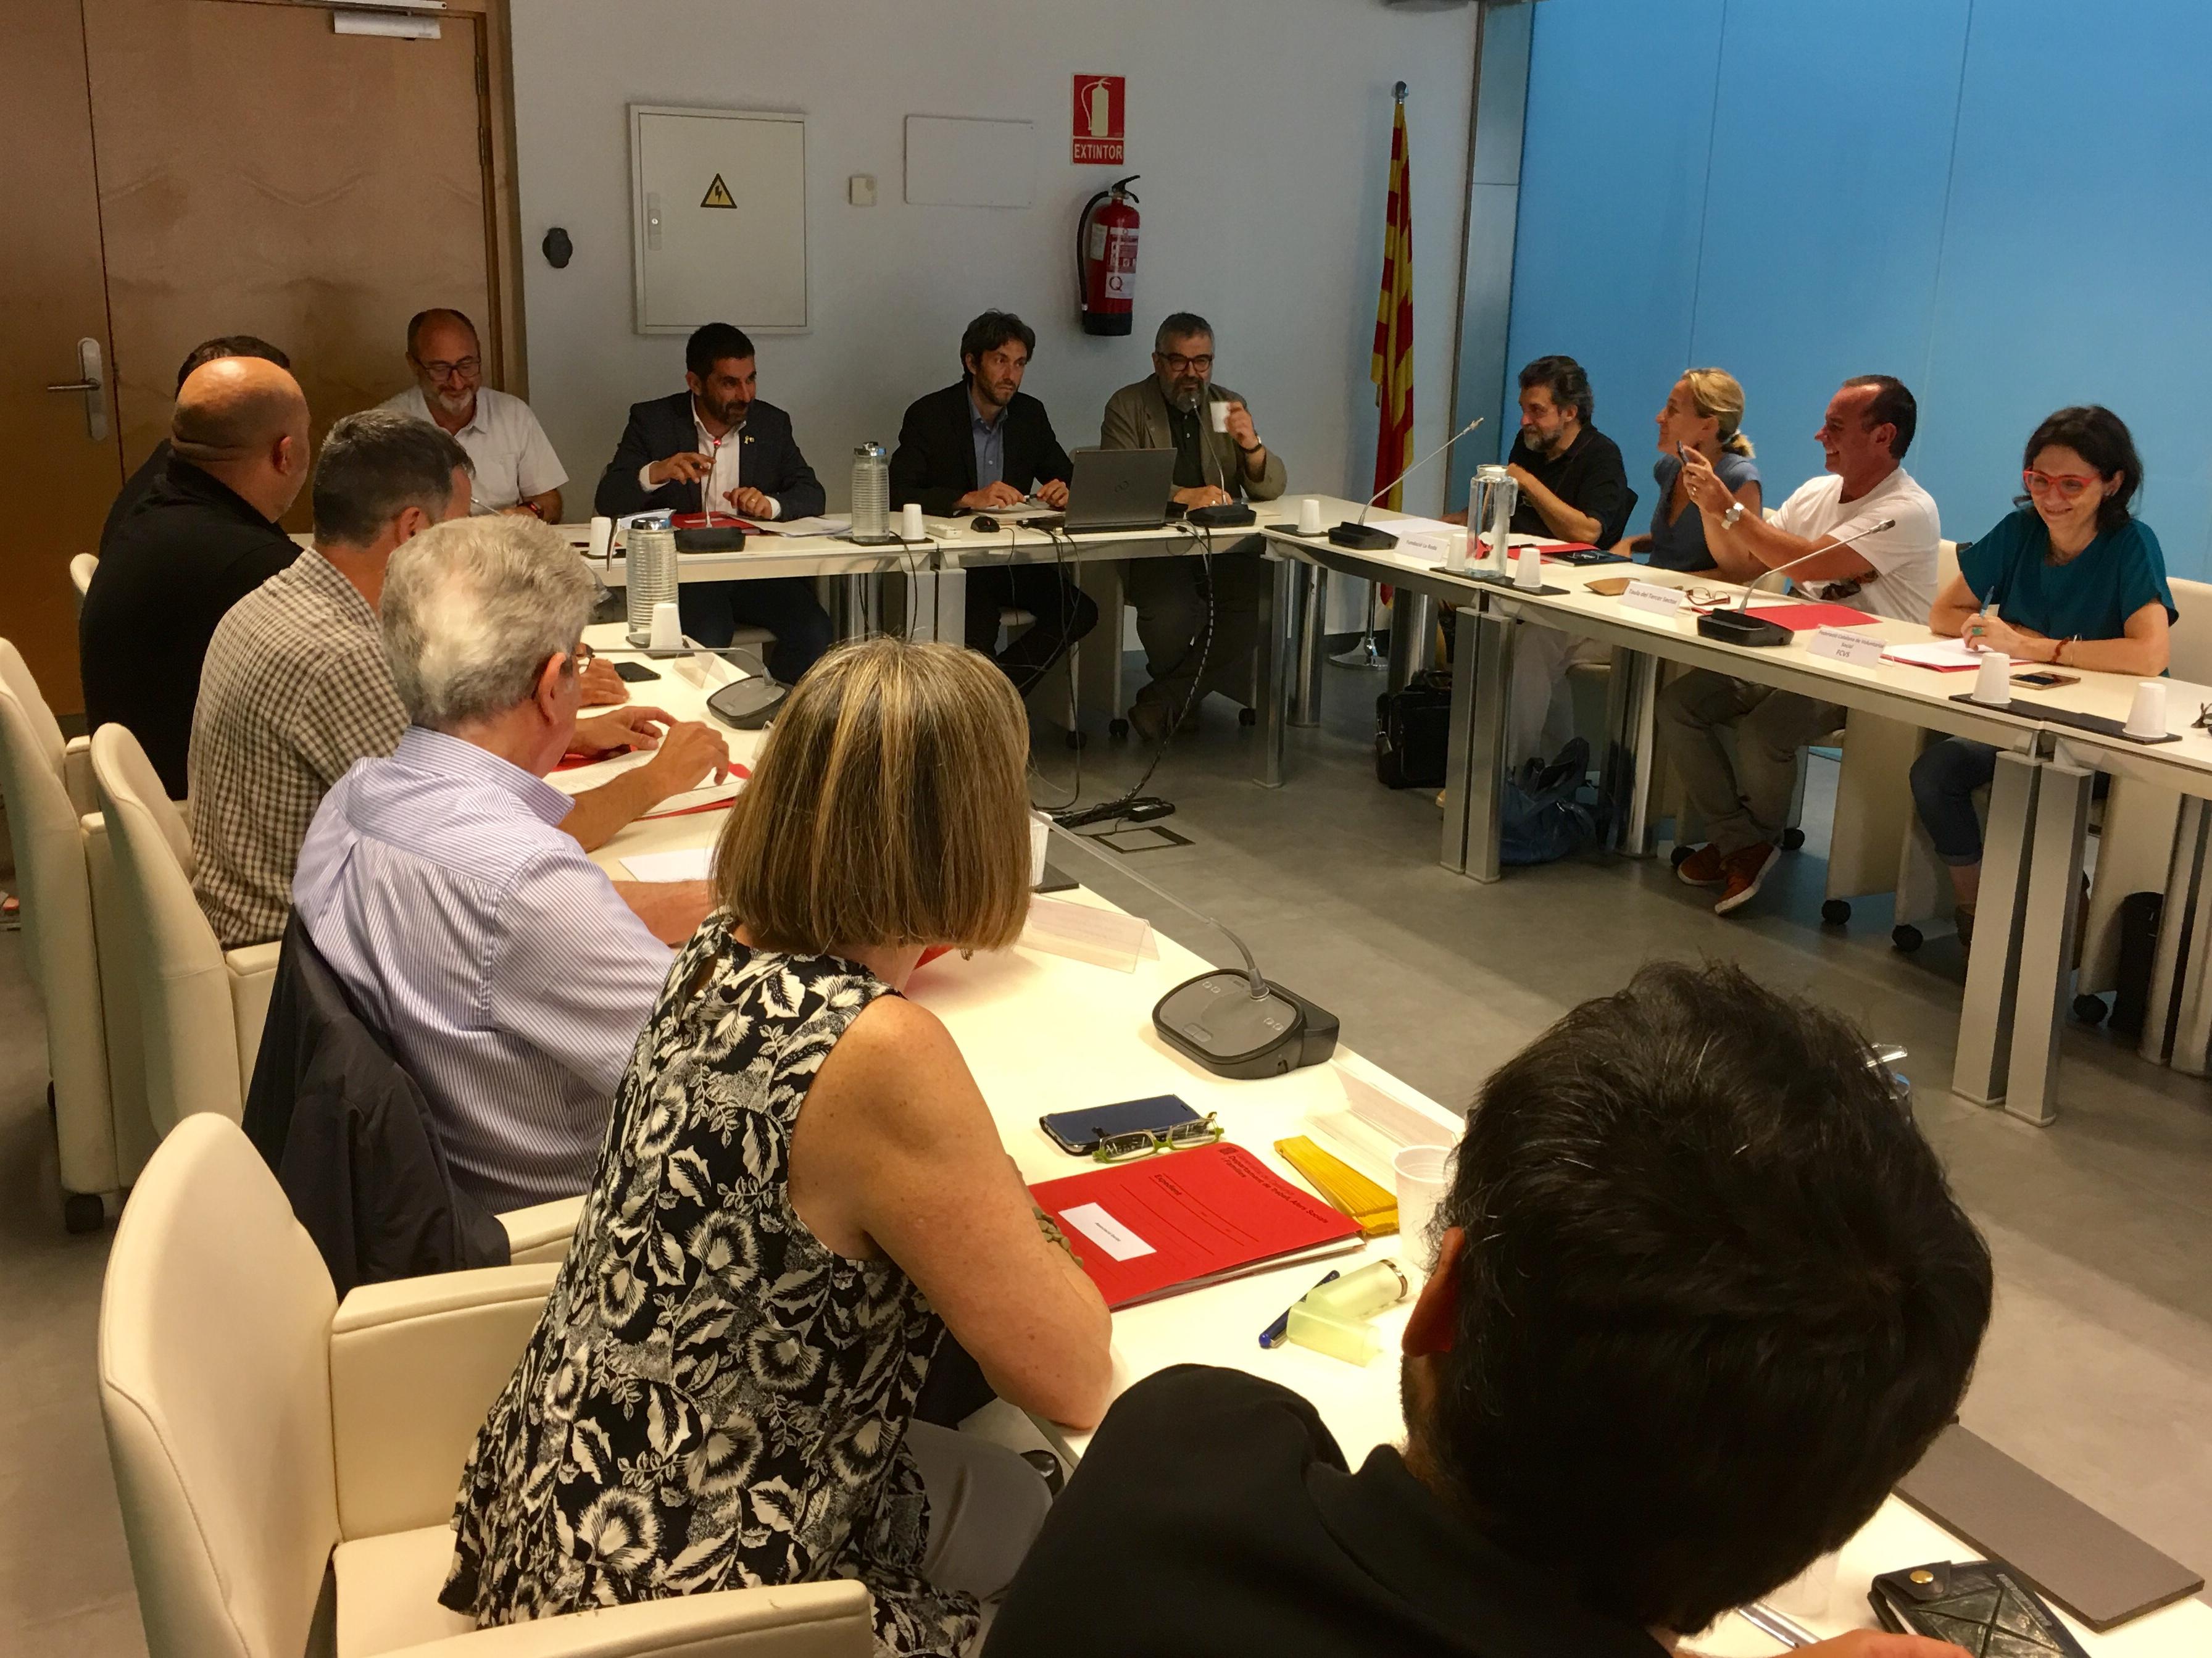 El conseller El Homrani presideix el CAVC i expressa com a prioritat de la nova legislatura l'impuls de la tramitació del projecte de Llei de foment de l'associacionisme